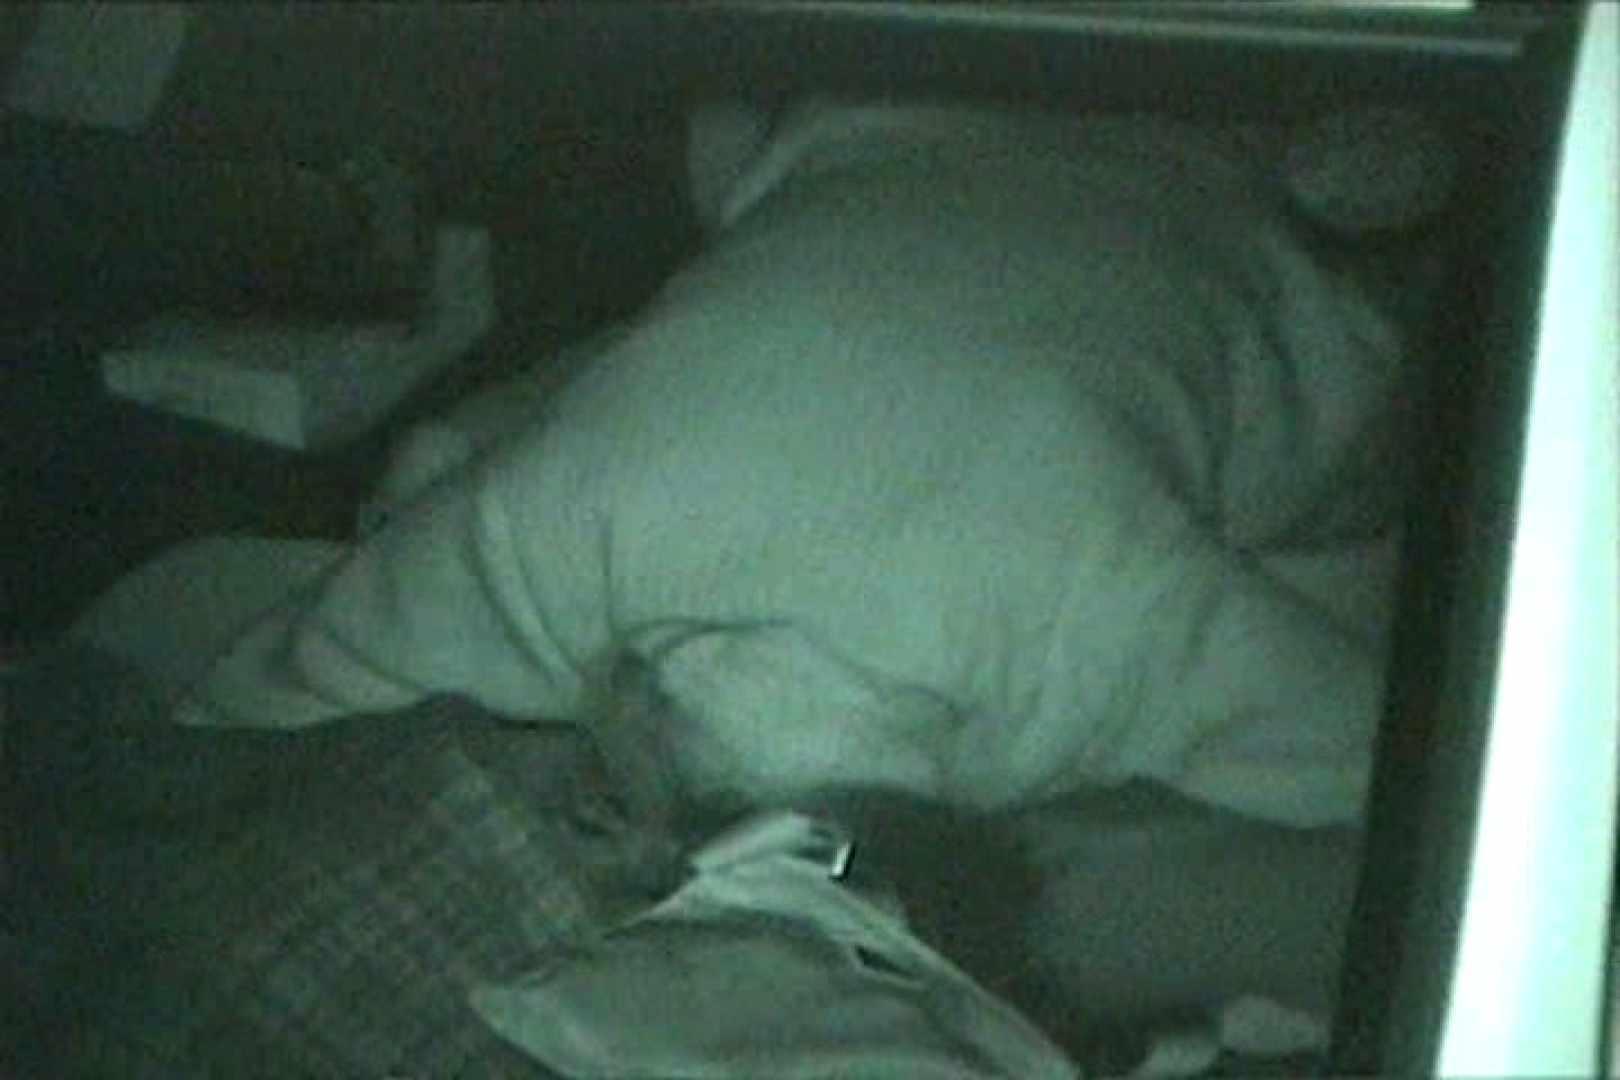 車の中はラブホテル 無修正版  Vol.27 カーセックス 盗撮動画紹介 105PIX 46